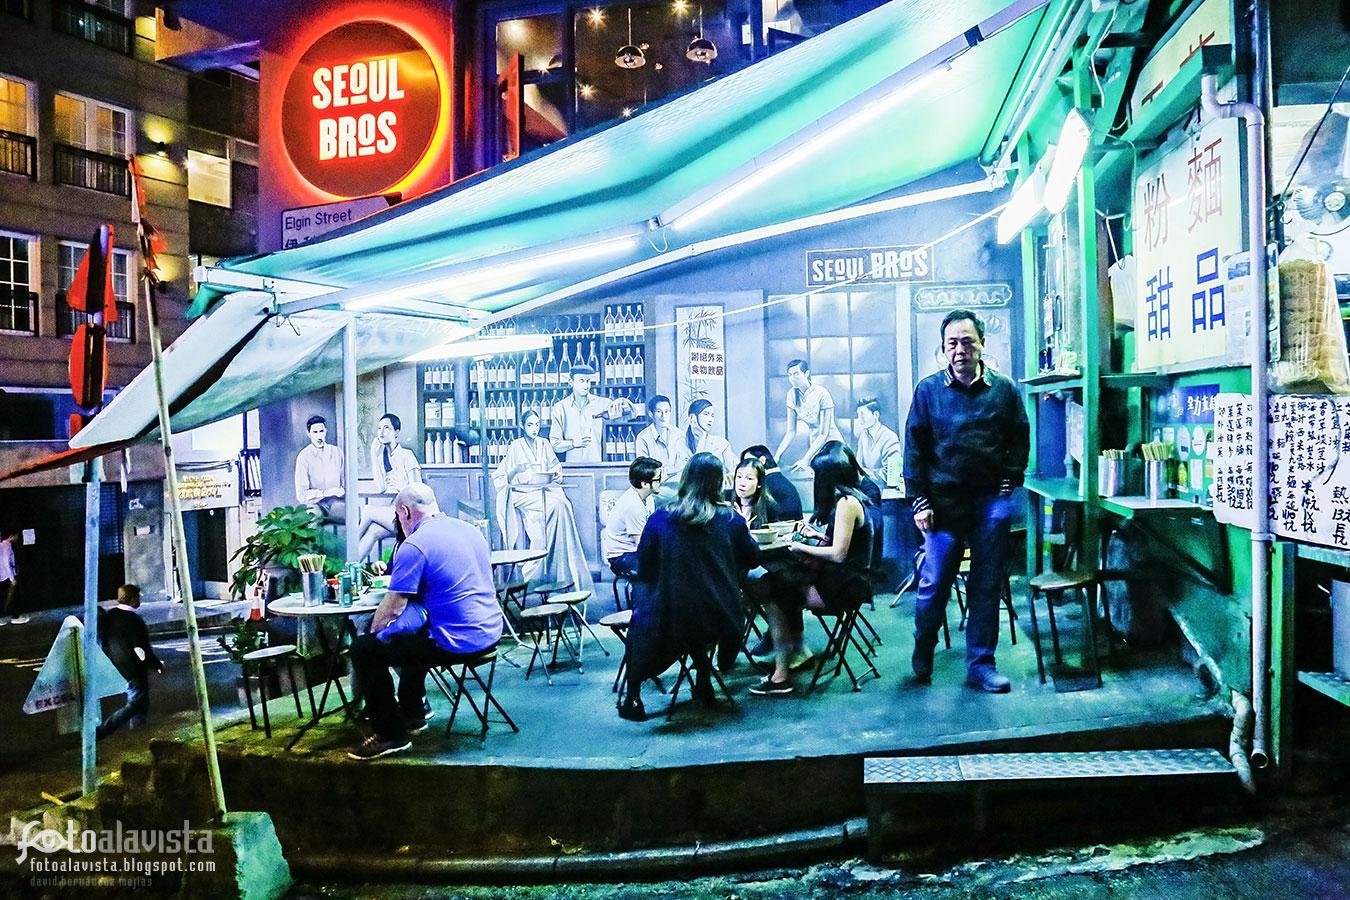 Seoul Bros - Bar con alma - Fotografía artística